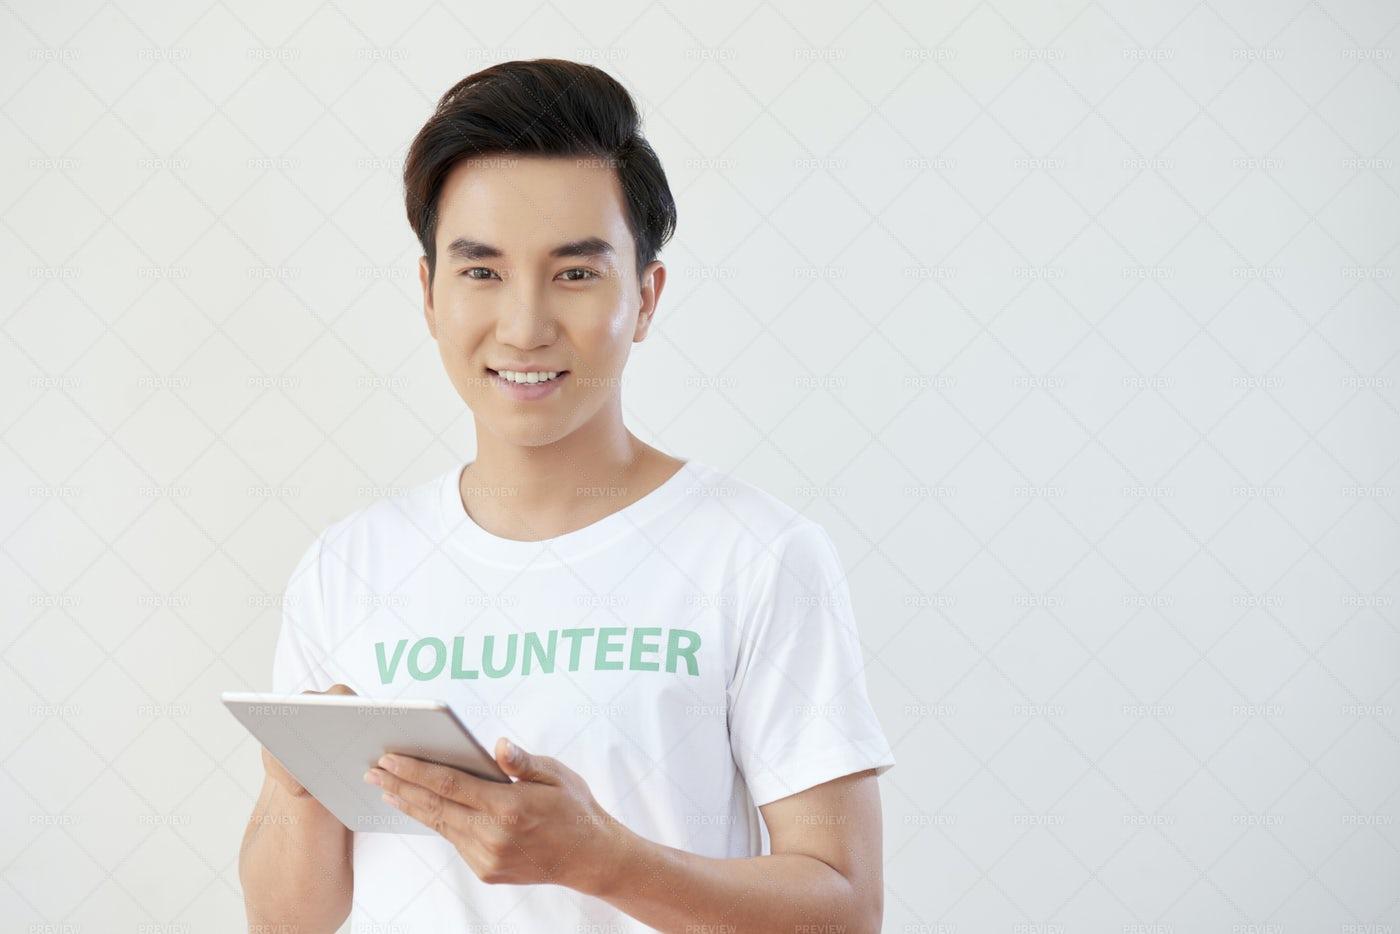 Volunteer Working Online: Stock Photos